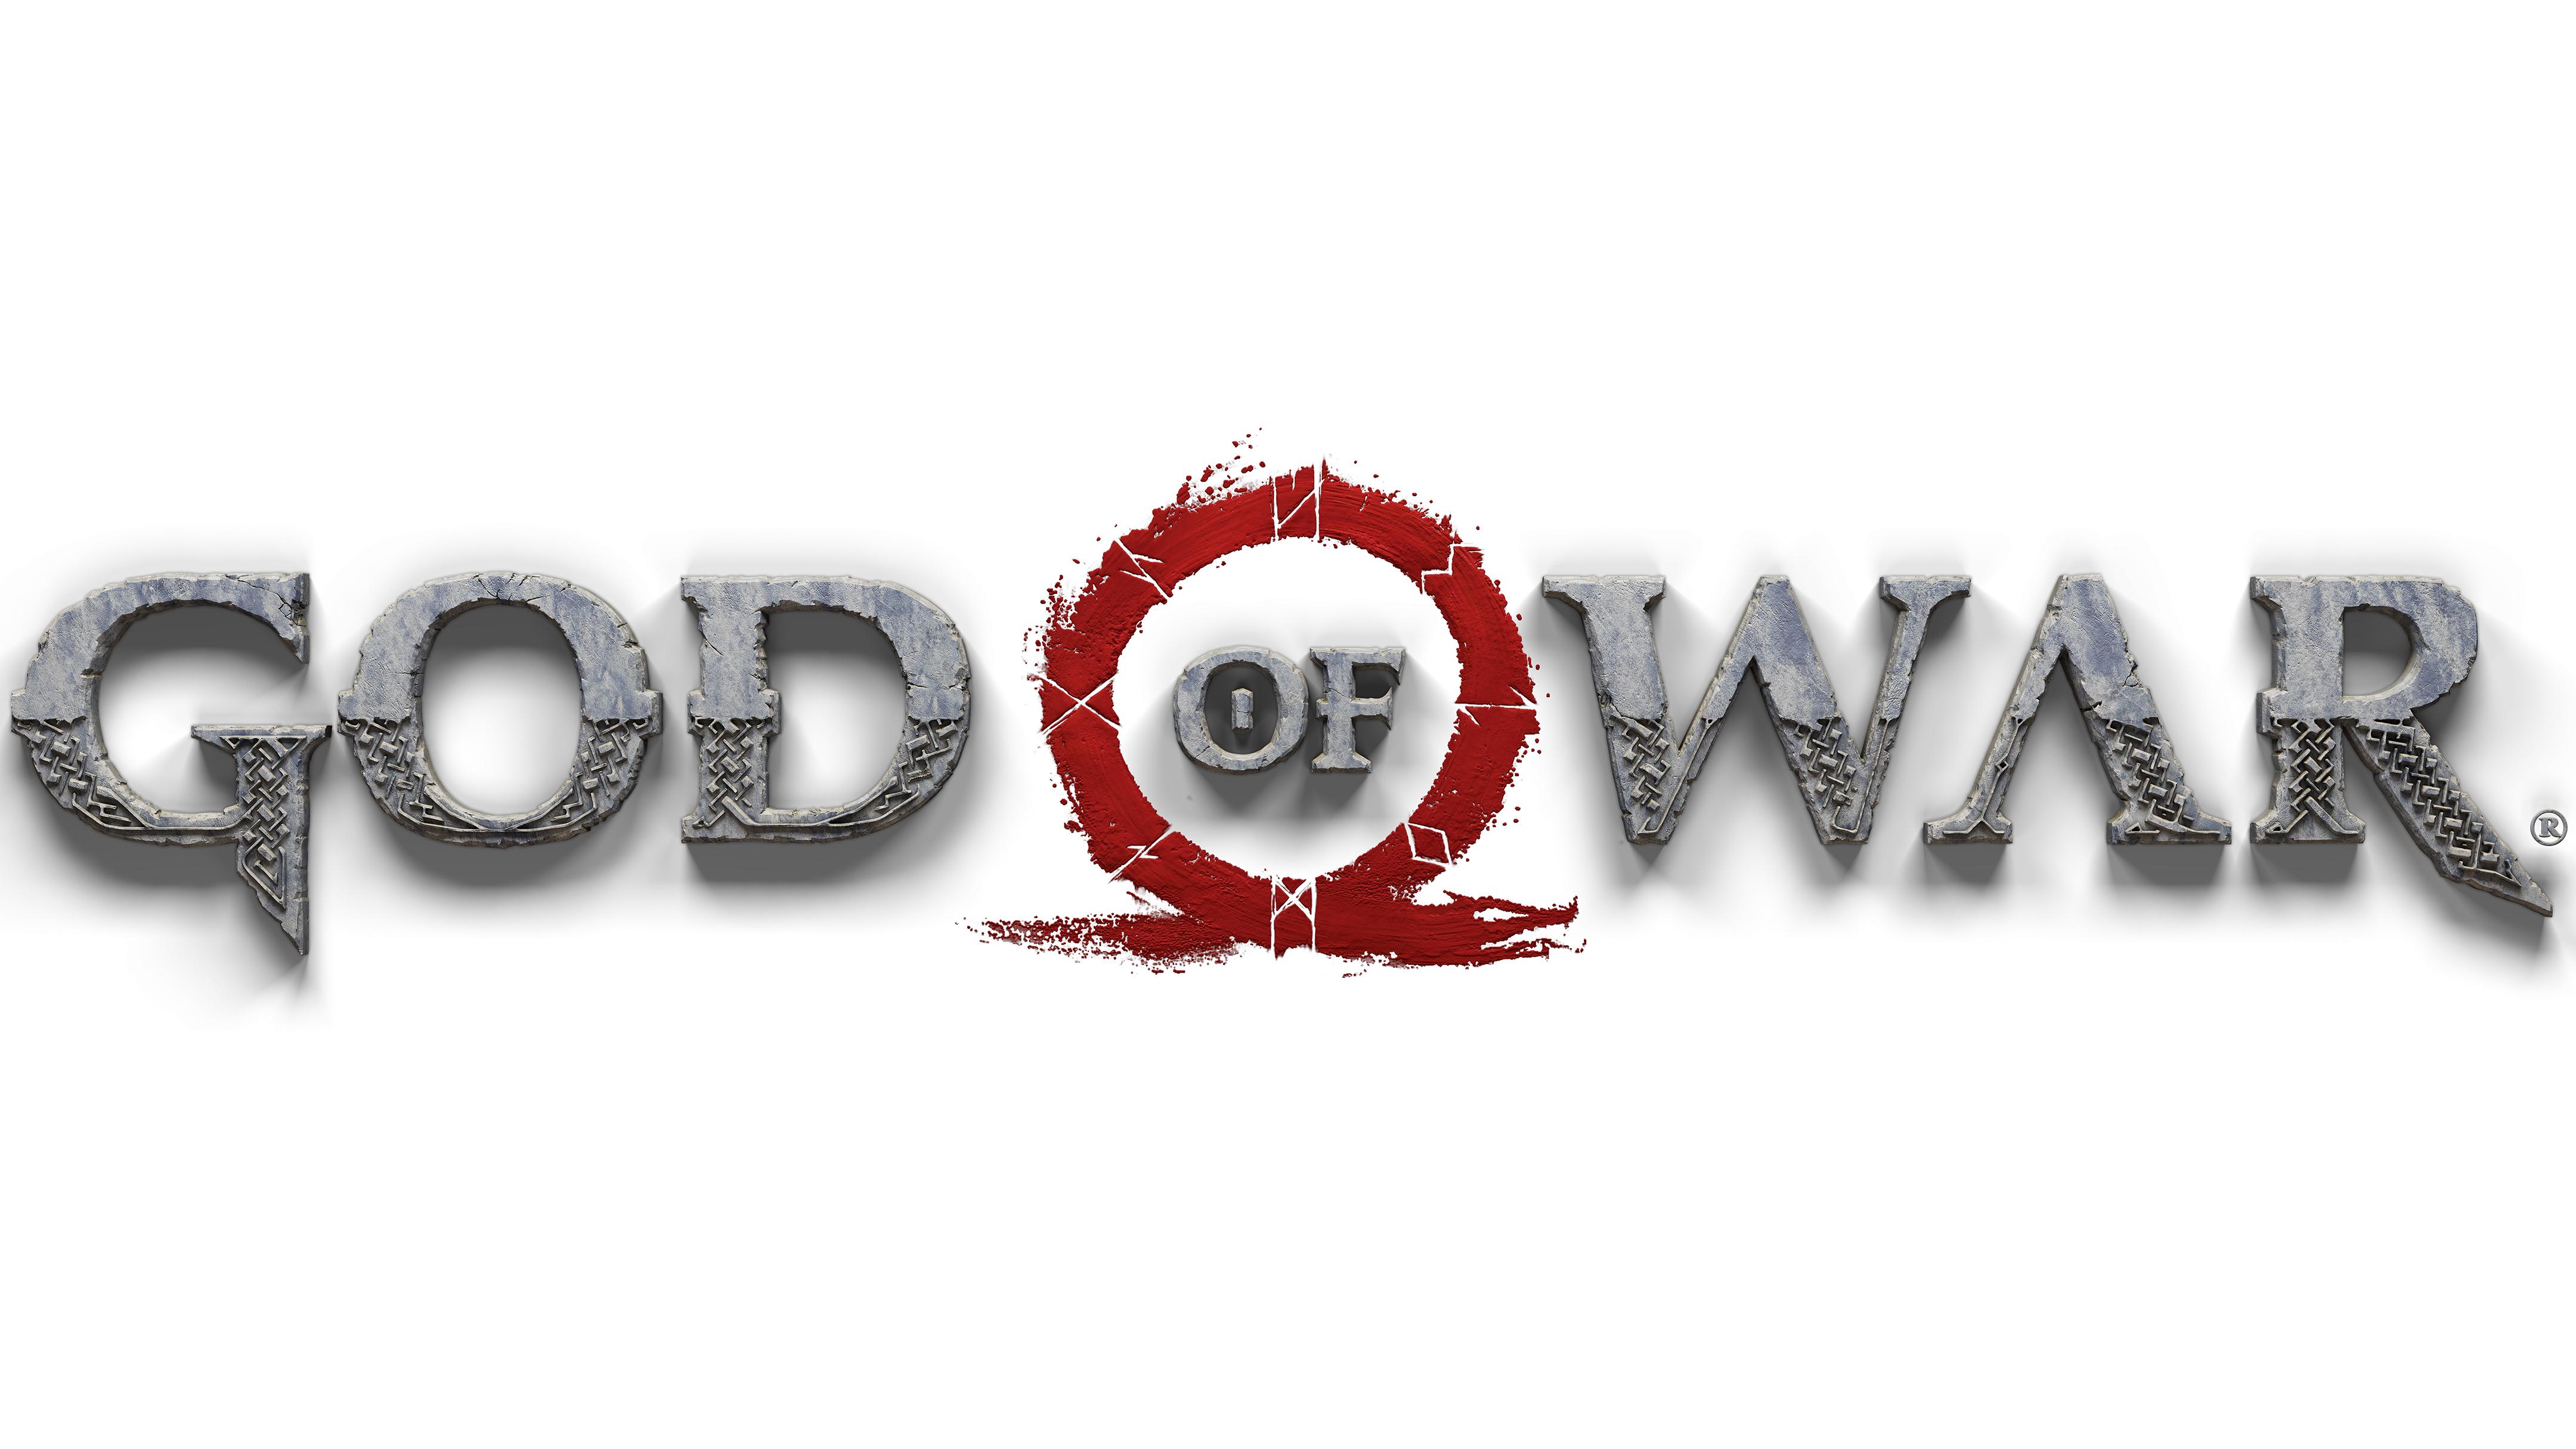 الصور والمعلومات الأولى عن اللعبة المنتظرة God of War